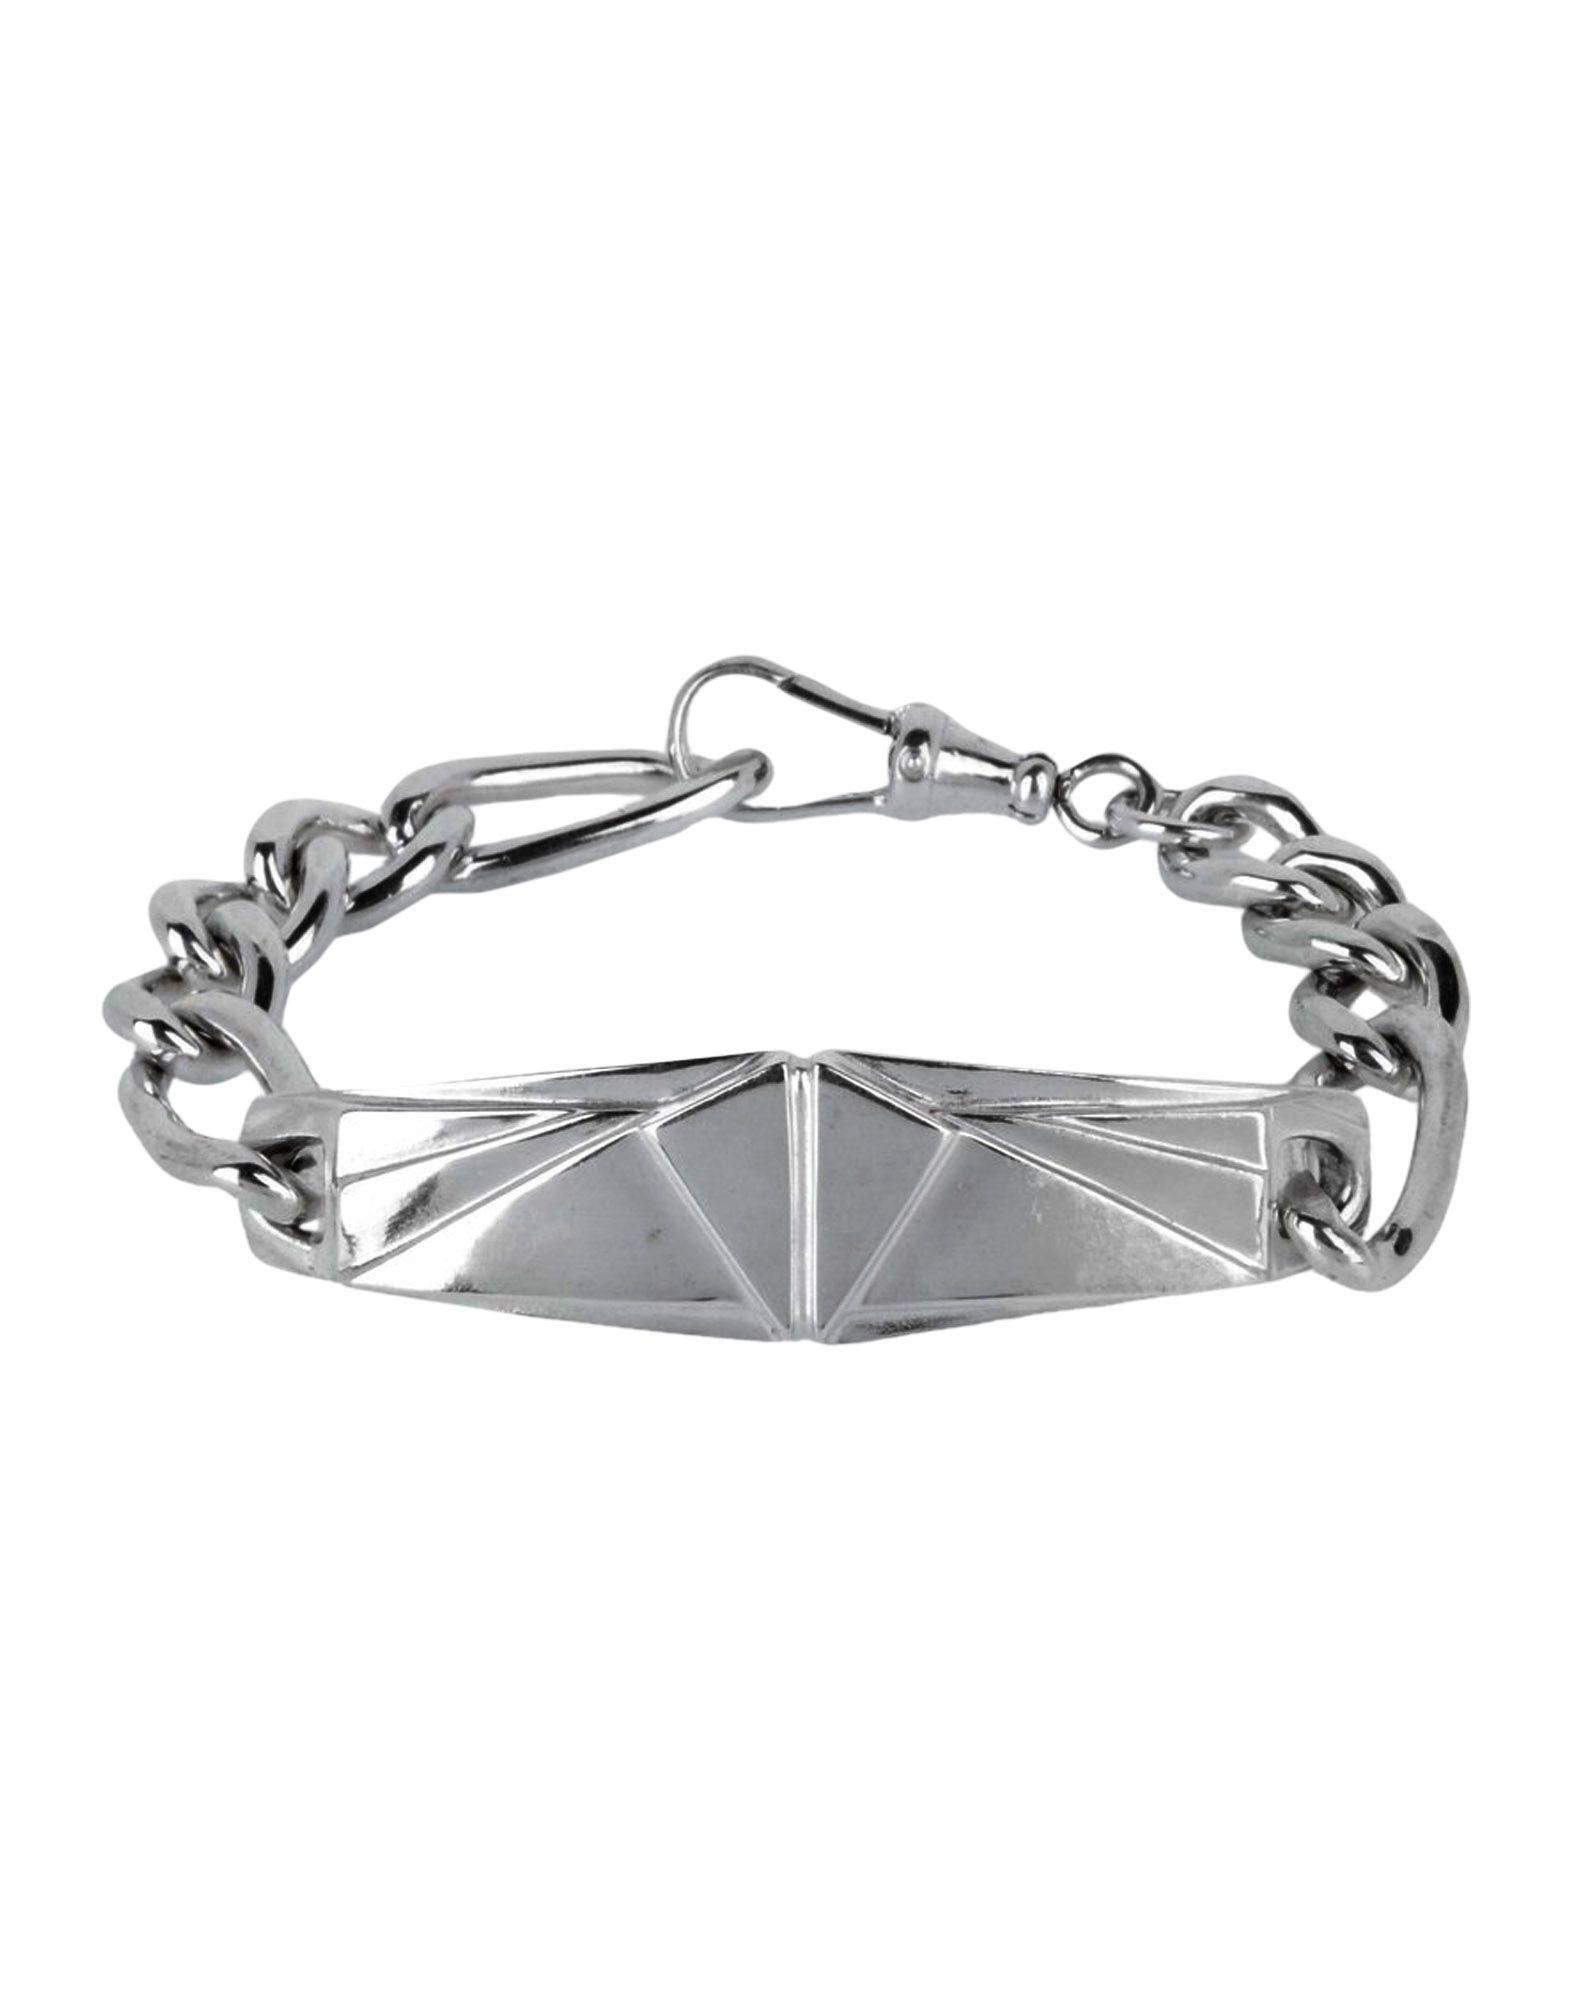 JAMES TANNER Bracelet in Silver